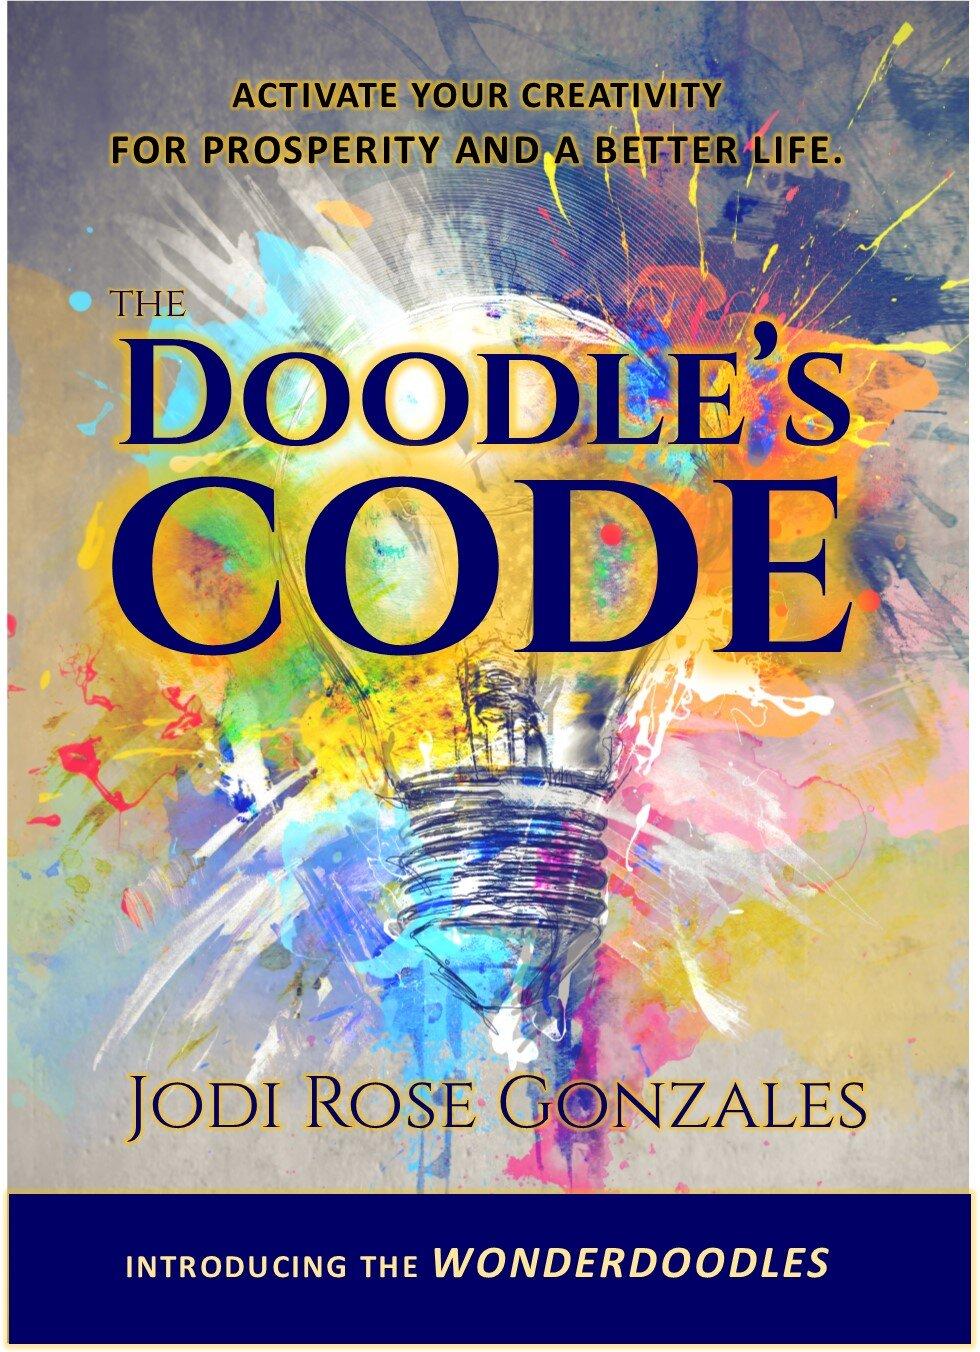 DoodlesCodeCover.jpg